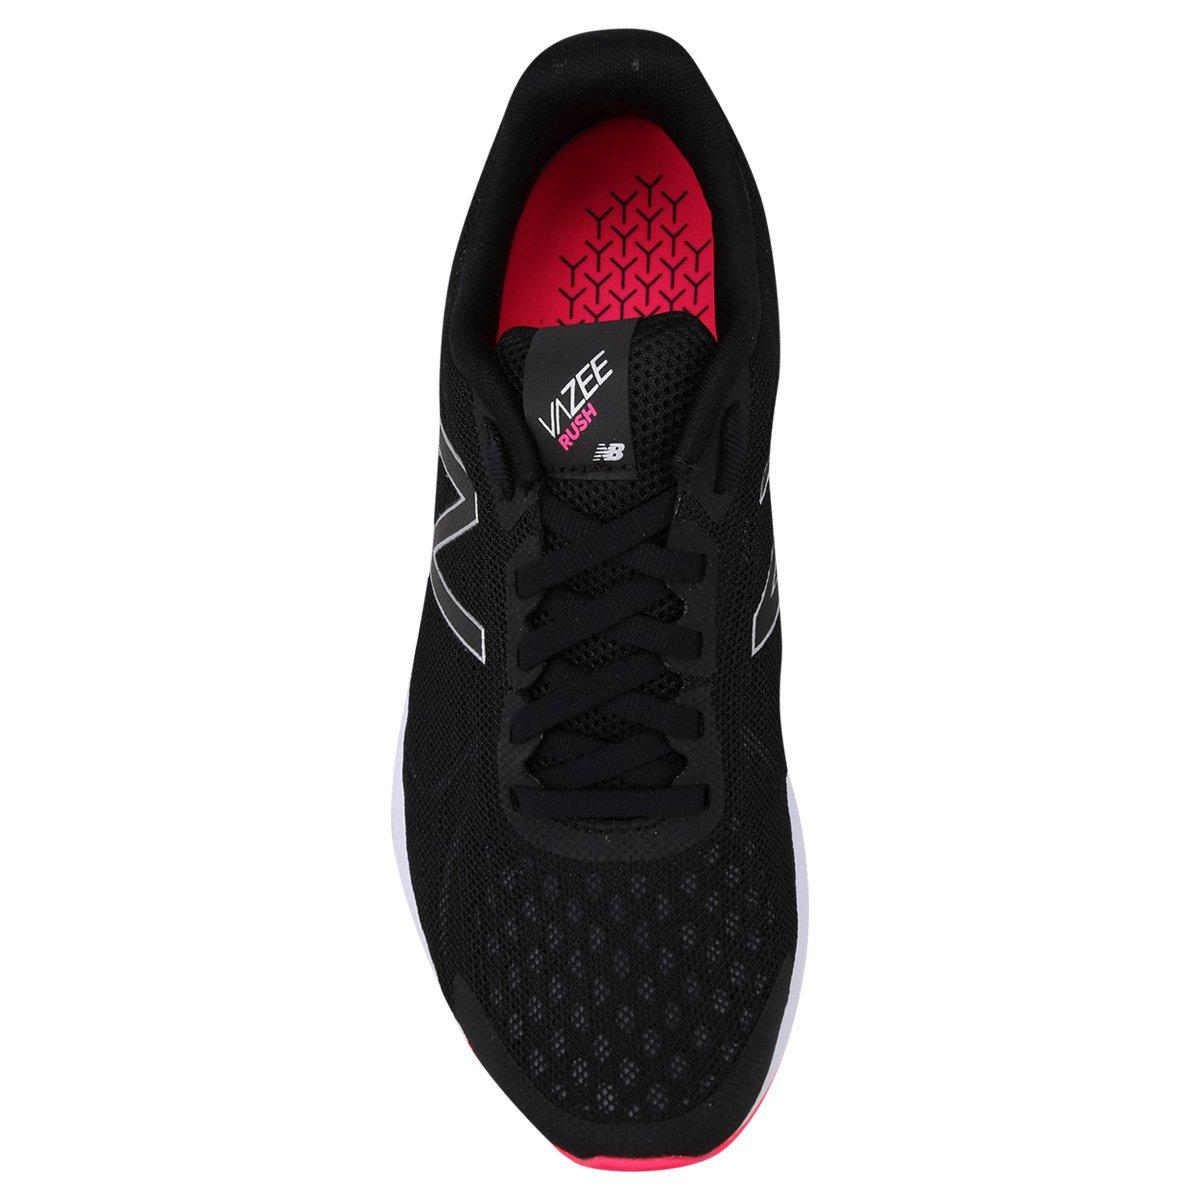 d8475acc62 Tênis New Balance Rush V2 Feminino - Preto e Pink - Compre Agora ...